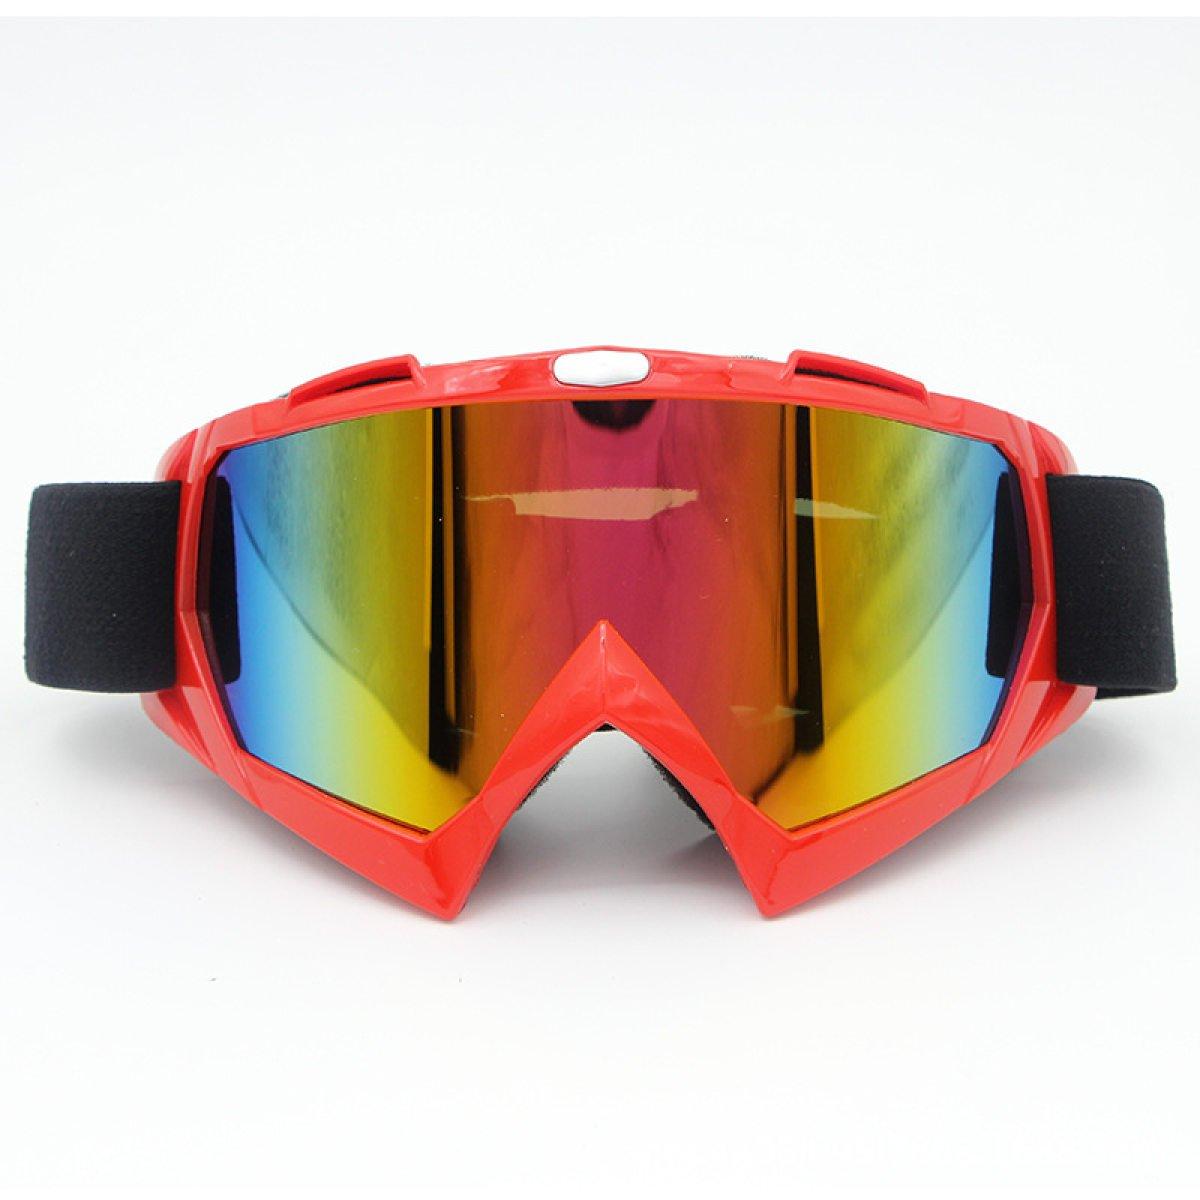 Occhiali Fuori Strada Specchio Da Sci Occhiali Da Vista Equitazione Arrampicata Occhiali,A-OneSize